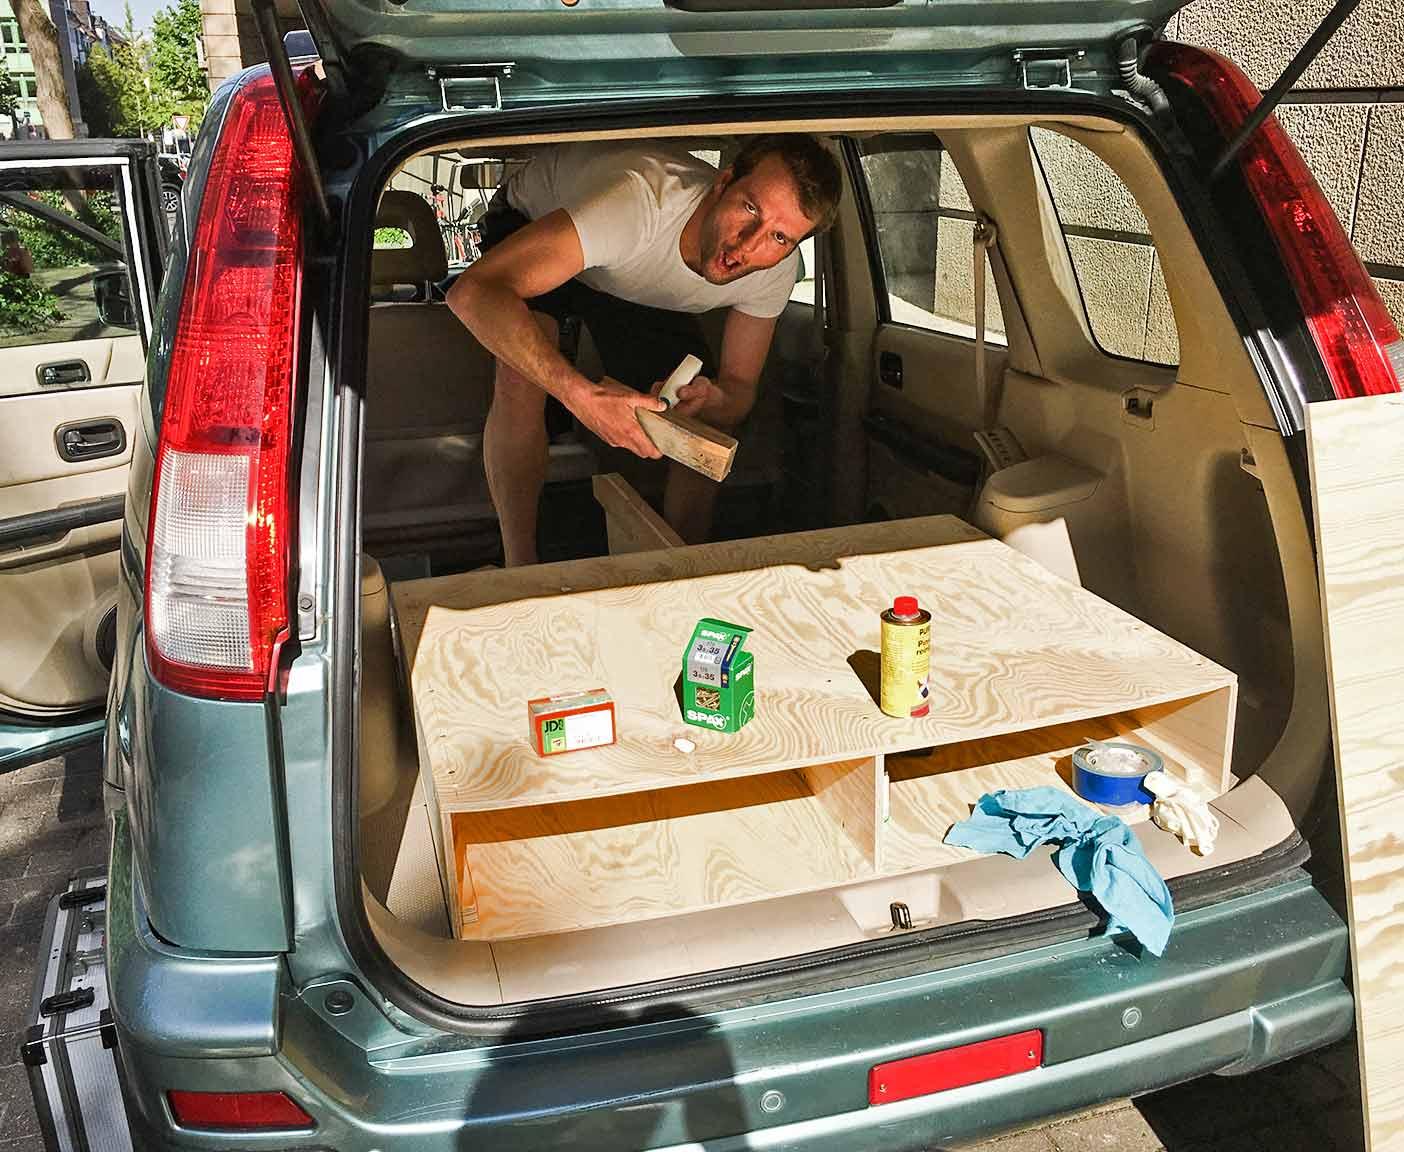 guenstige-expeditionsfahrzeuge-mobilw-offroad-gelaendegaenig-wohnmobil-nissan-xtrail-4x4-allrad-gebraucht-19